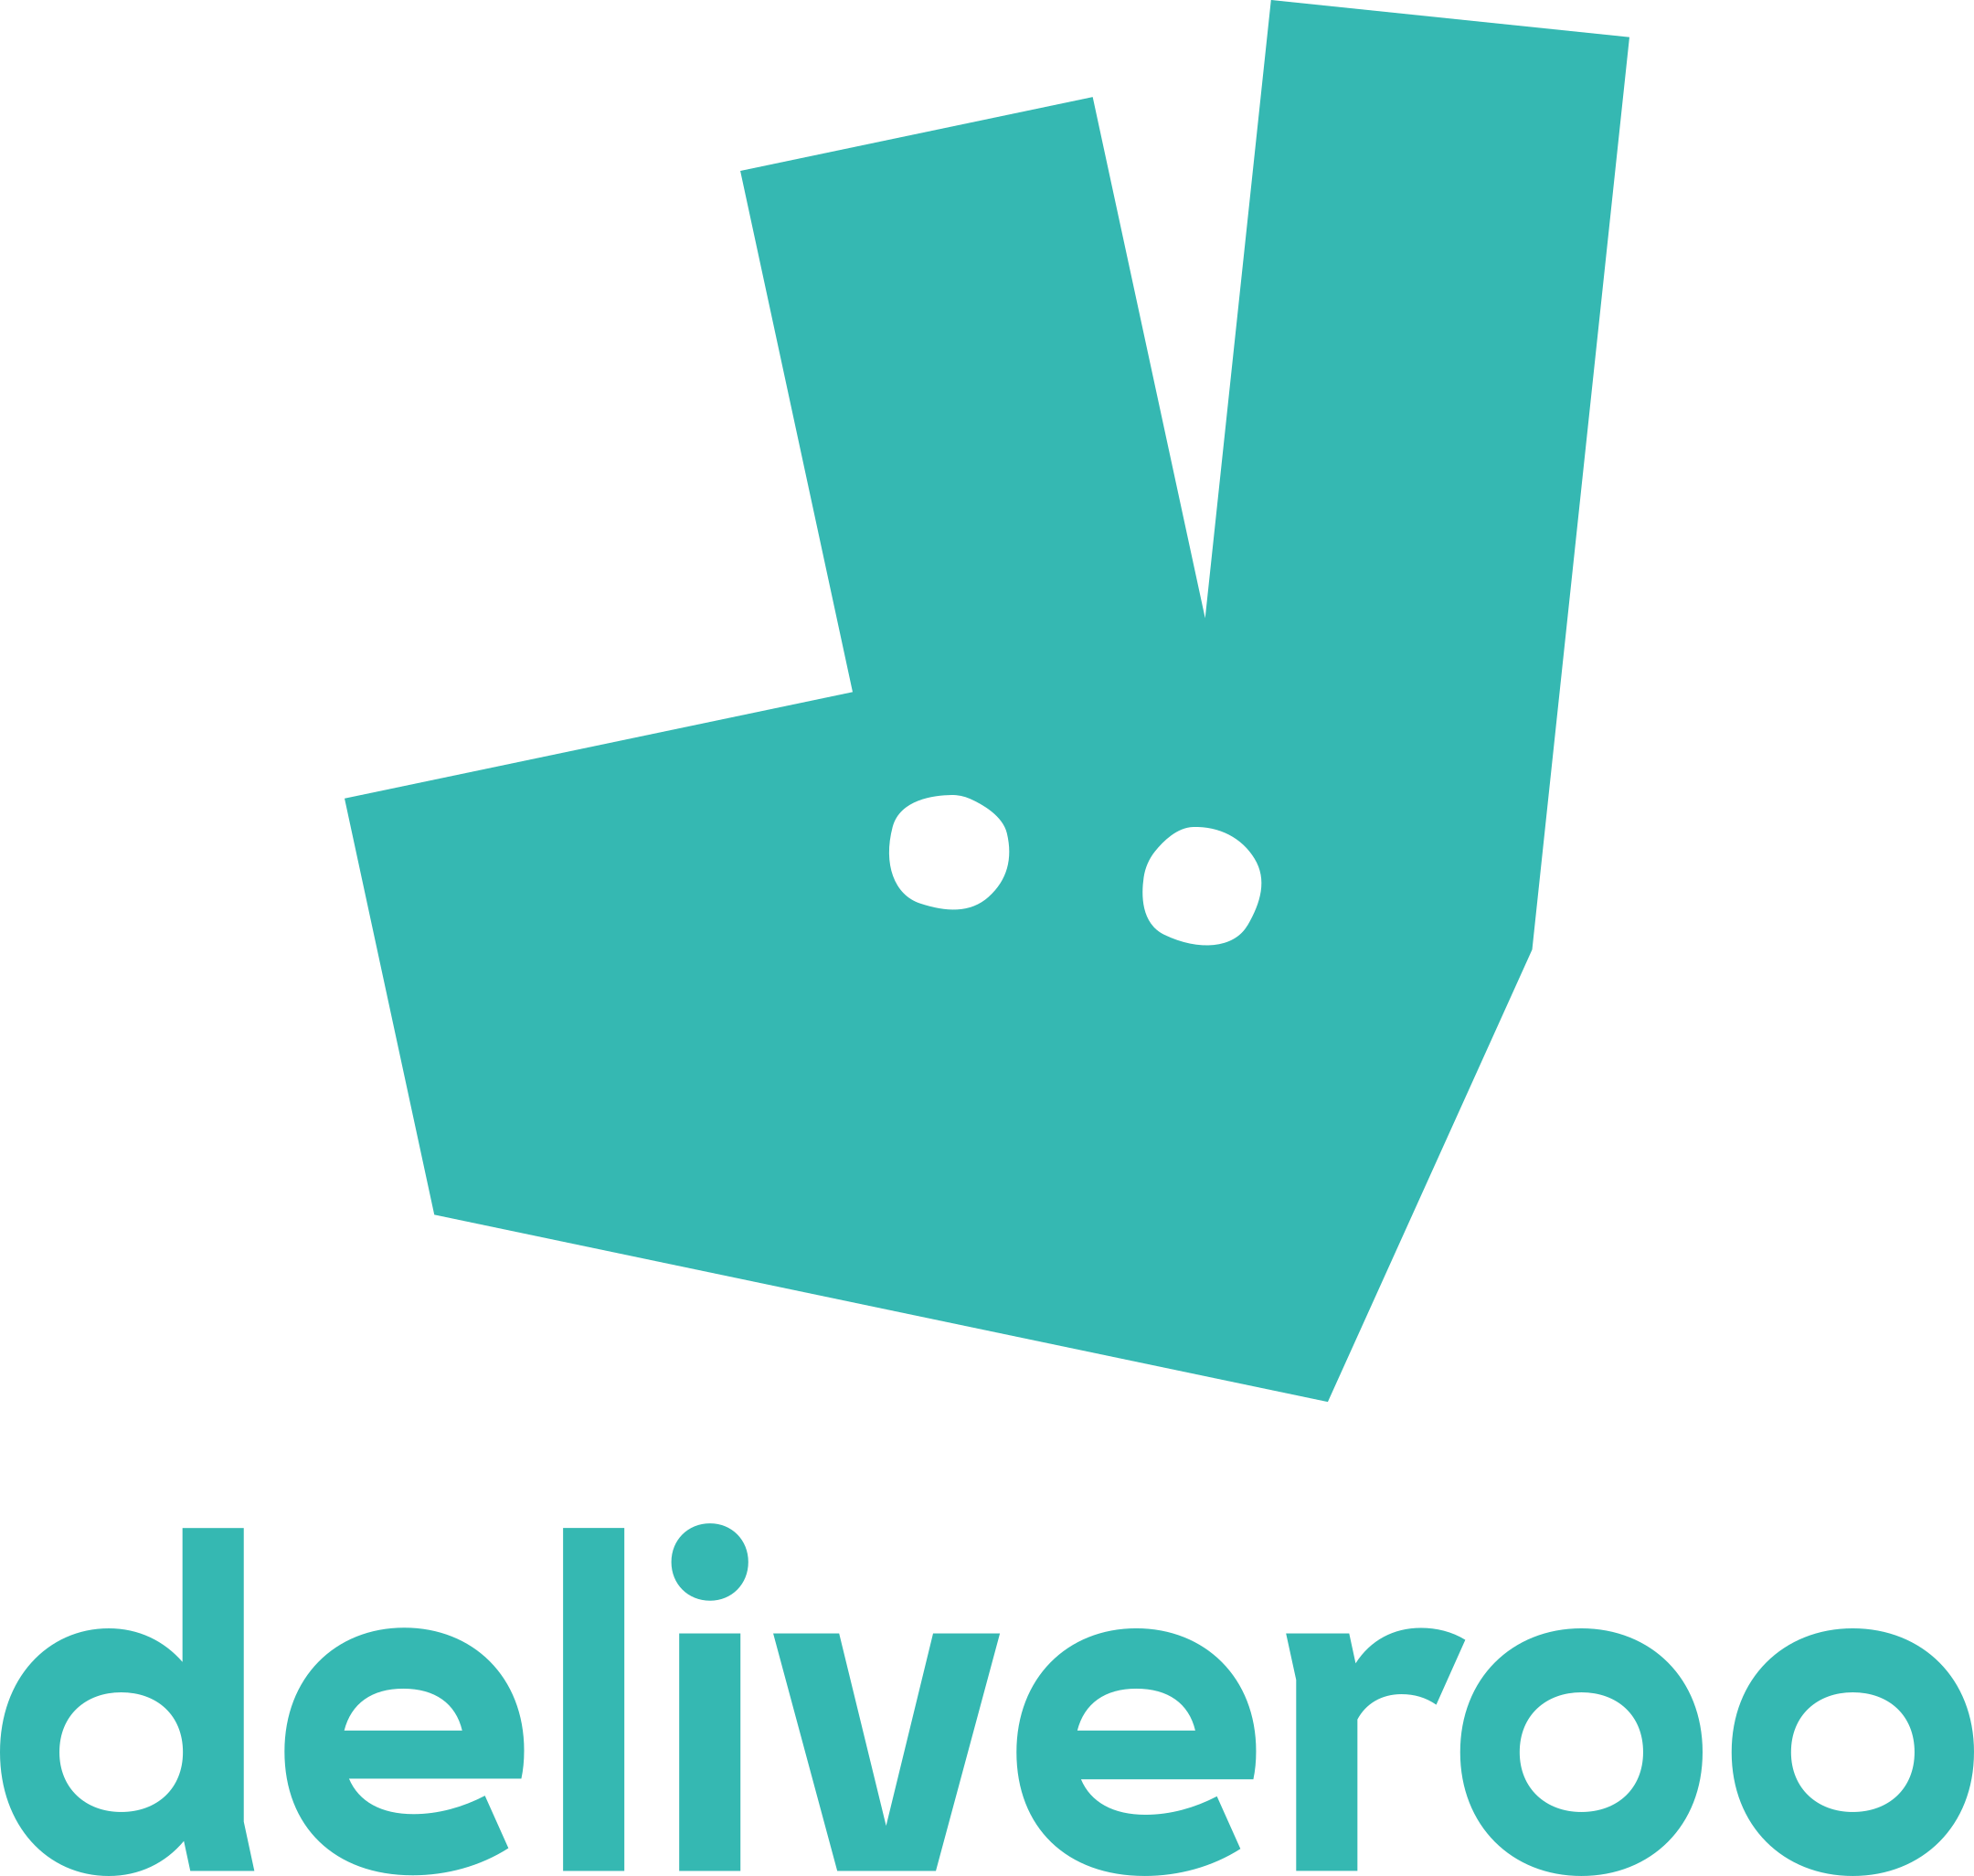 deliveroo-logo-3